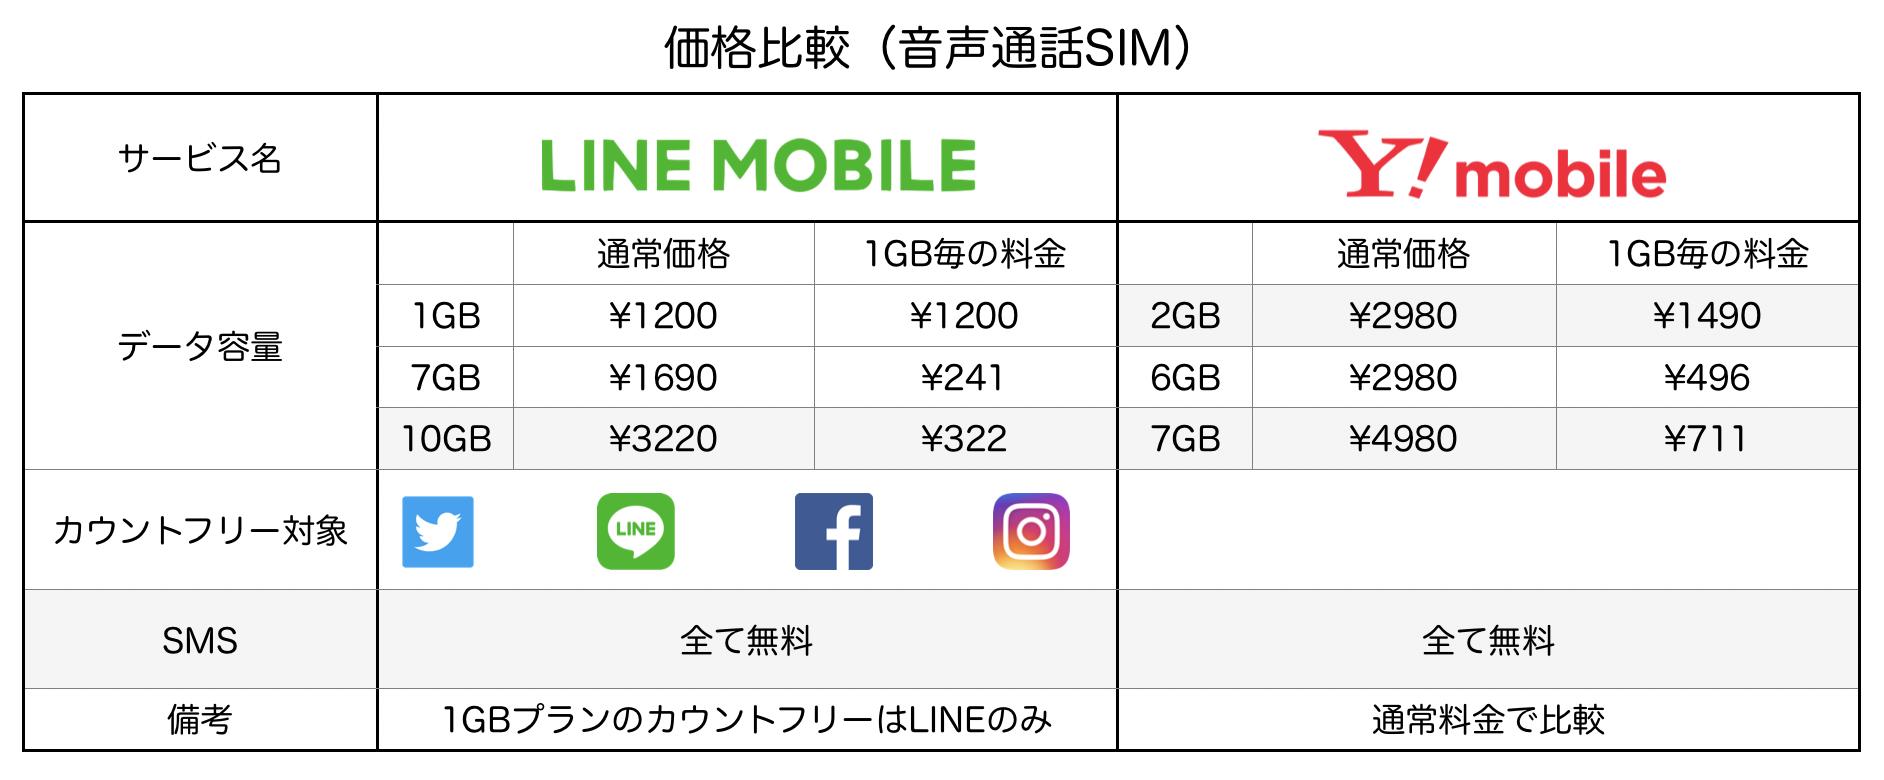 LINEモバイル&ワイモバイル価格比較表